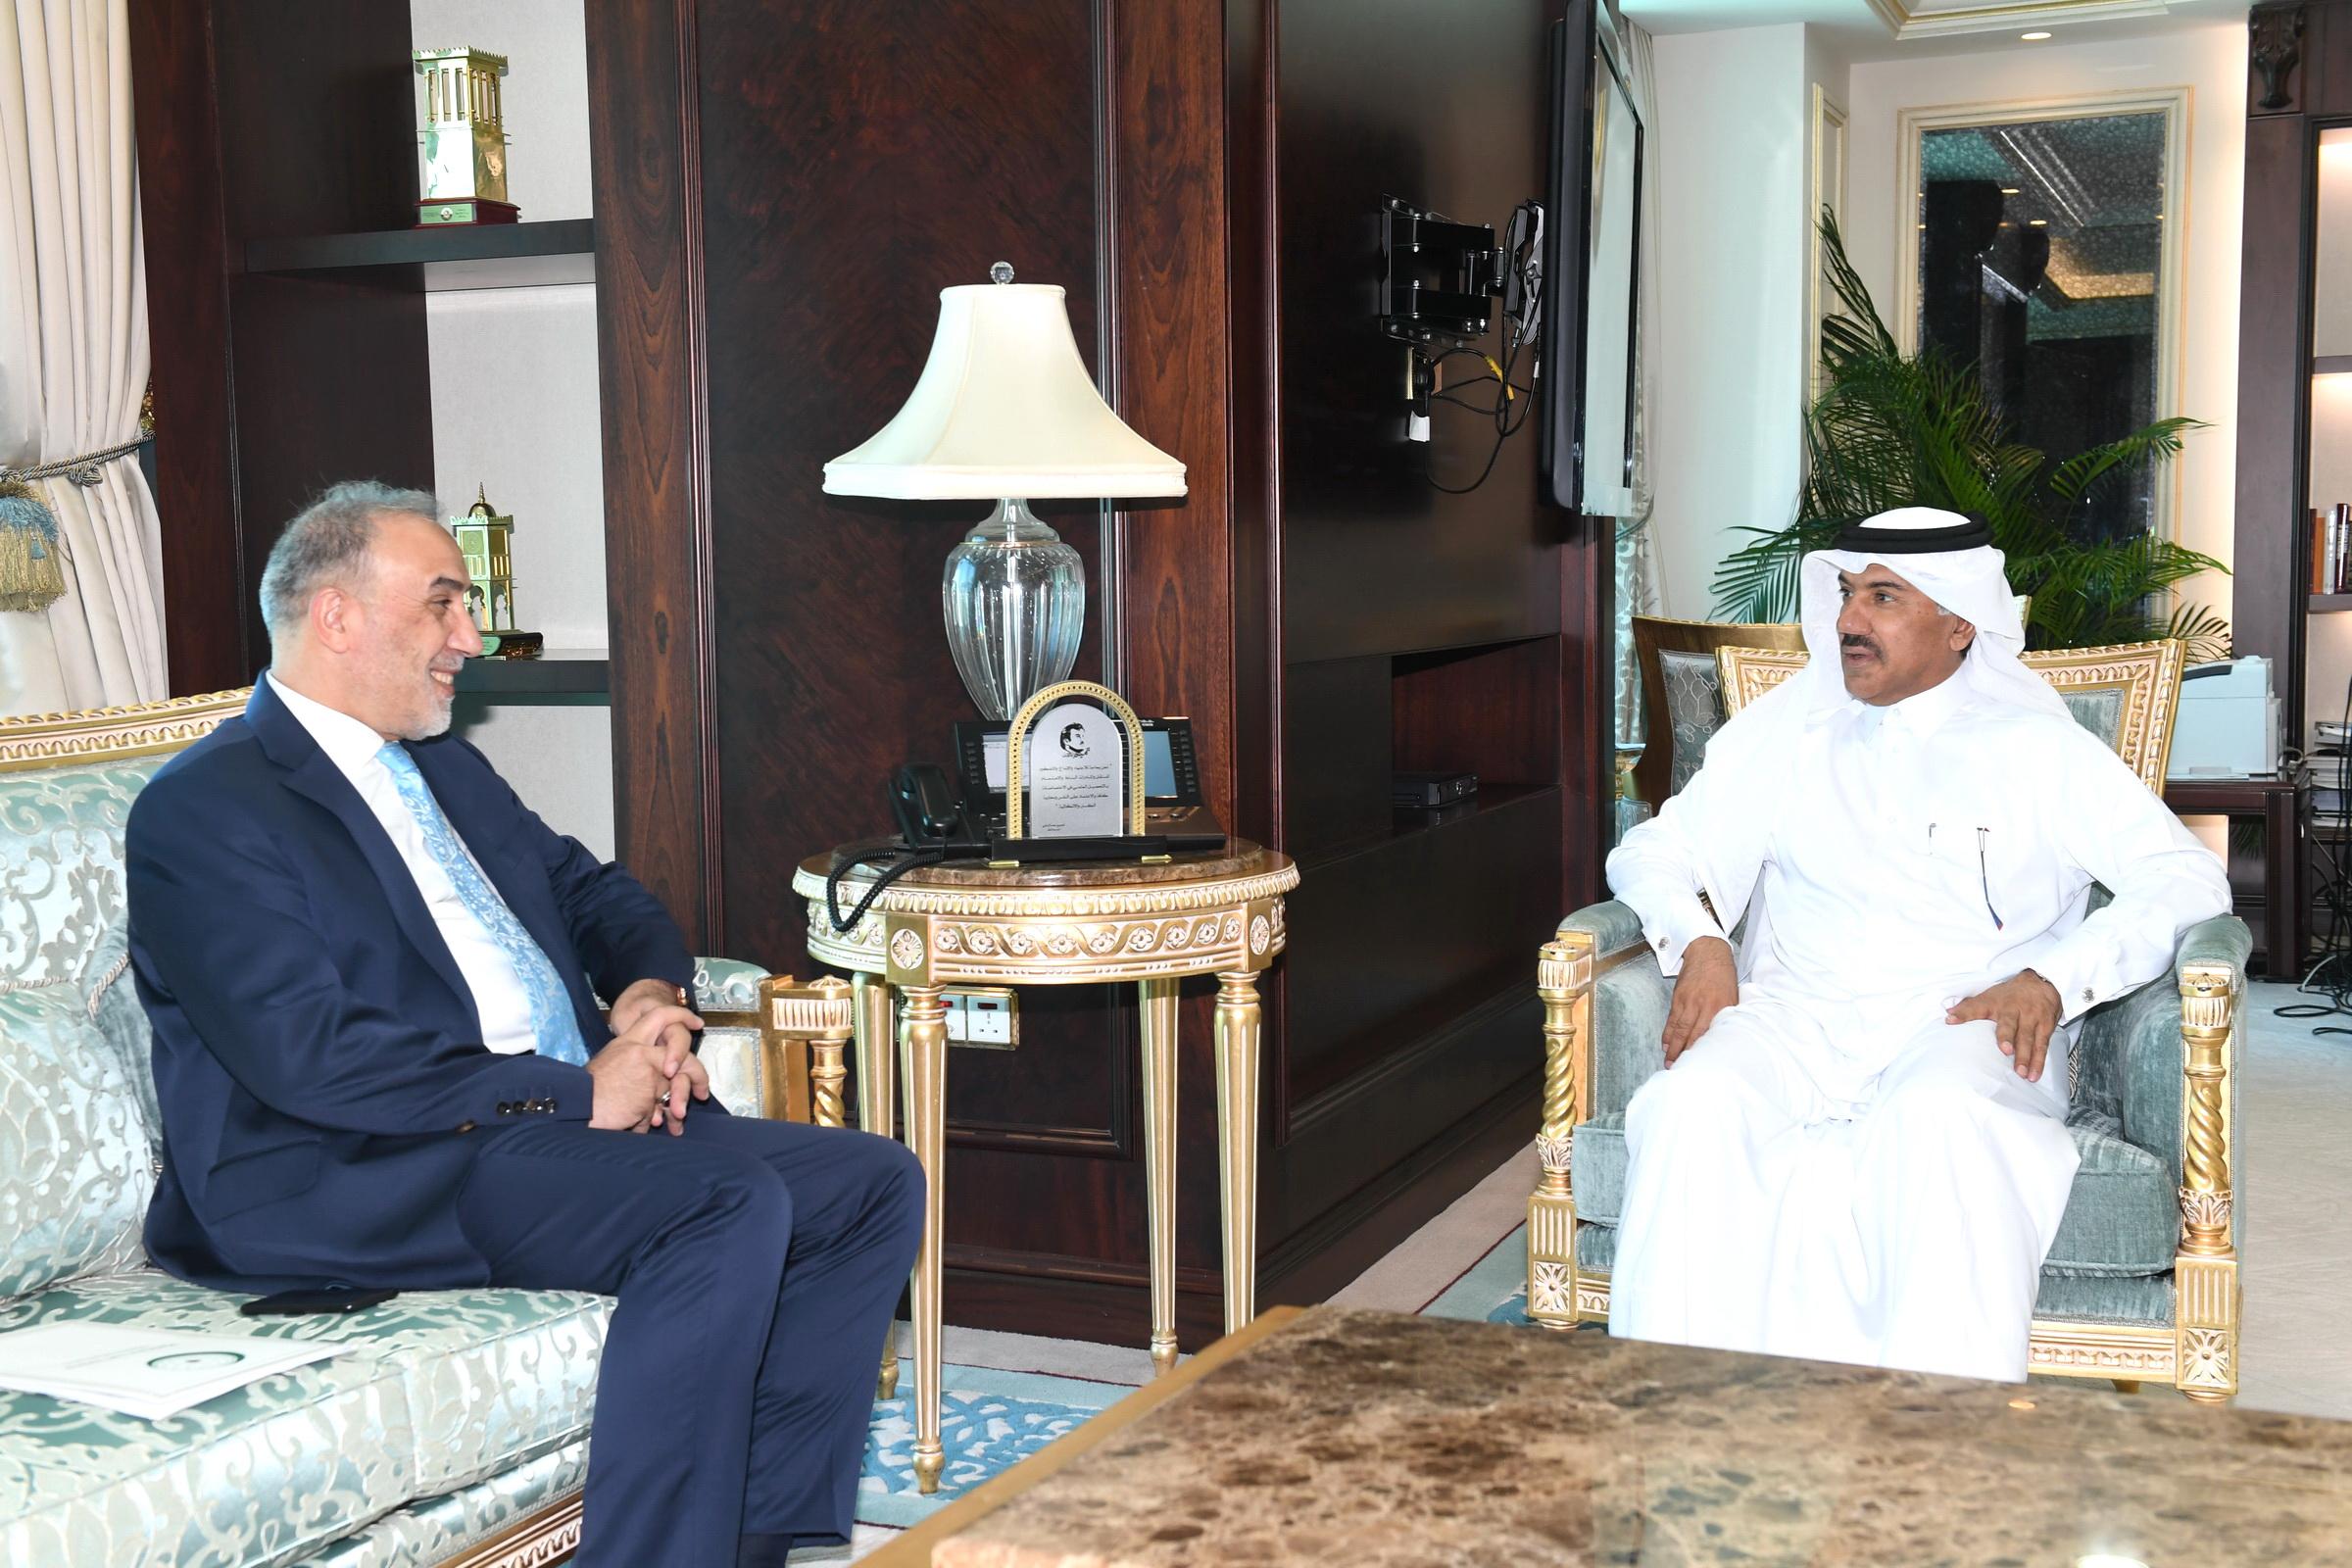 الأمين العام لوزارة الخارجية يجتمع مع مساعد الأمين العام لمنظمة التعاون الإسلامي